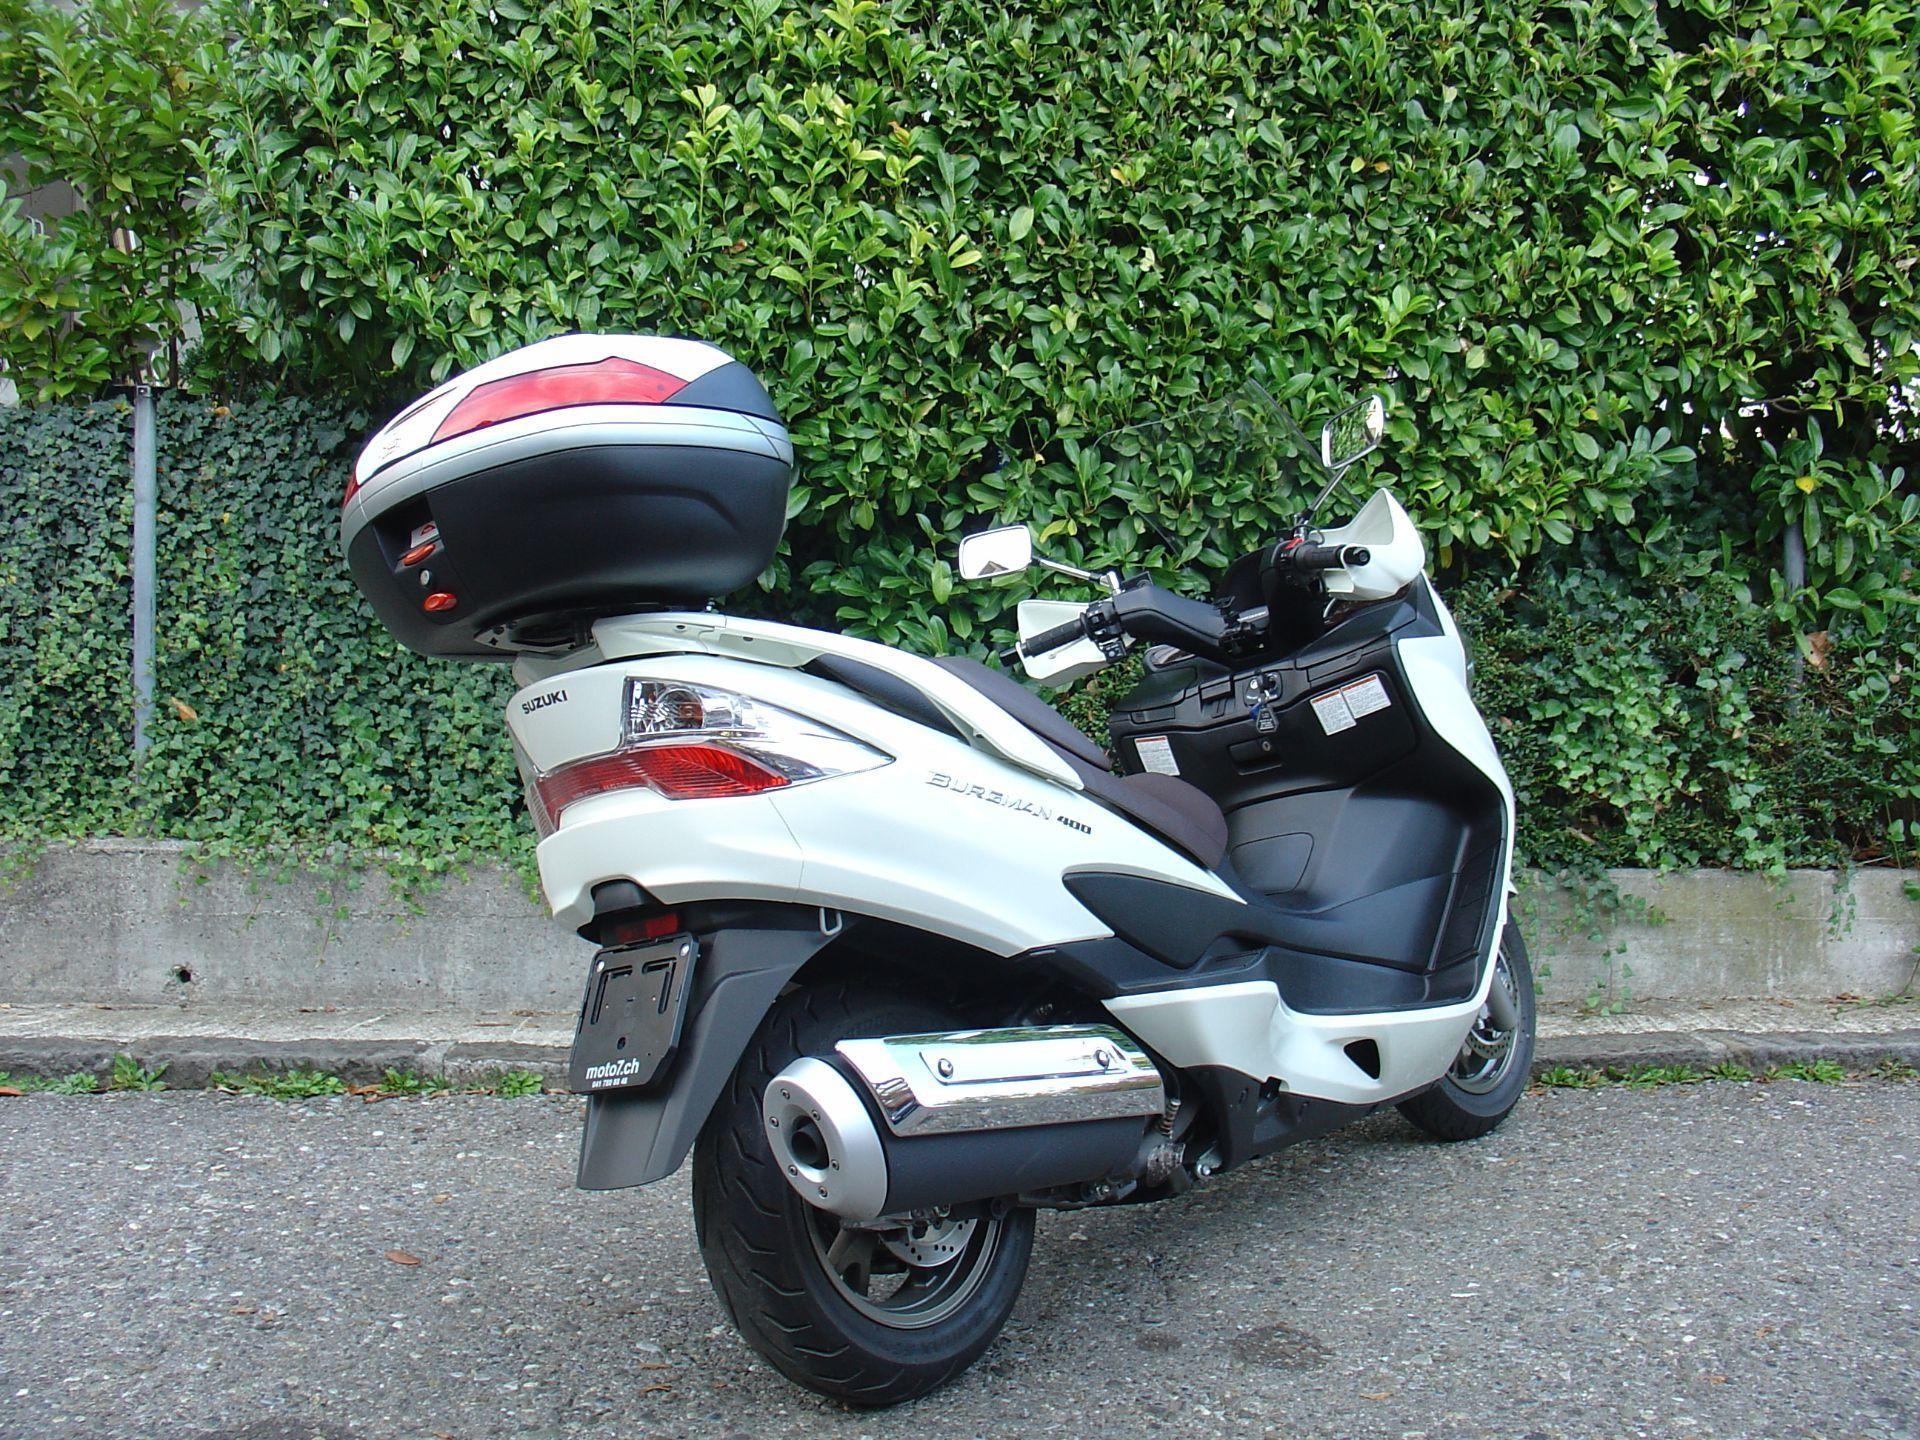 motorrad occasion kaufen suzuki an 400 burgman za abs moto 7 ag cham. Black Bedroom Furniture Sets. Home Design Ideas